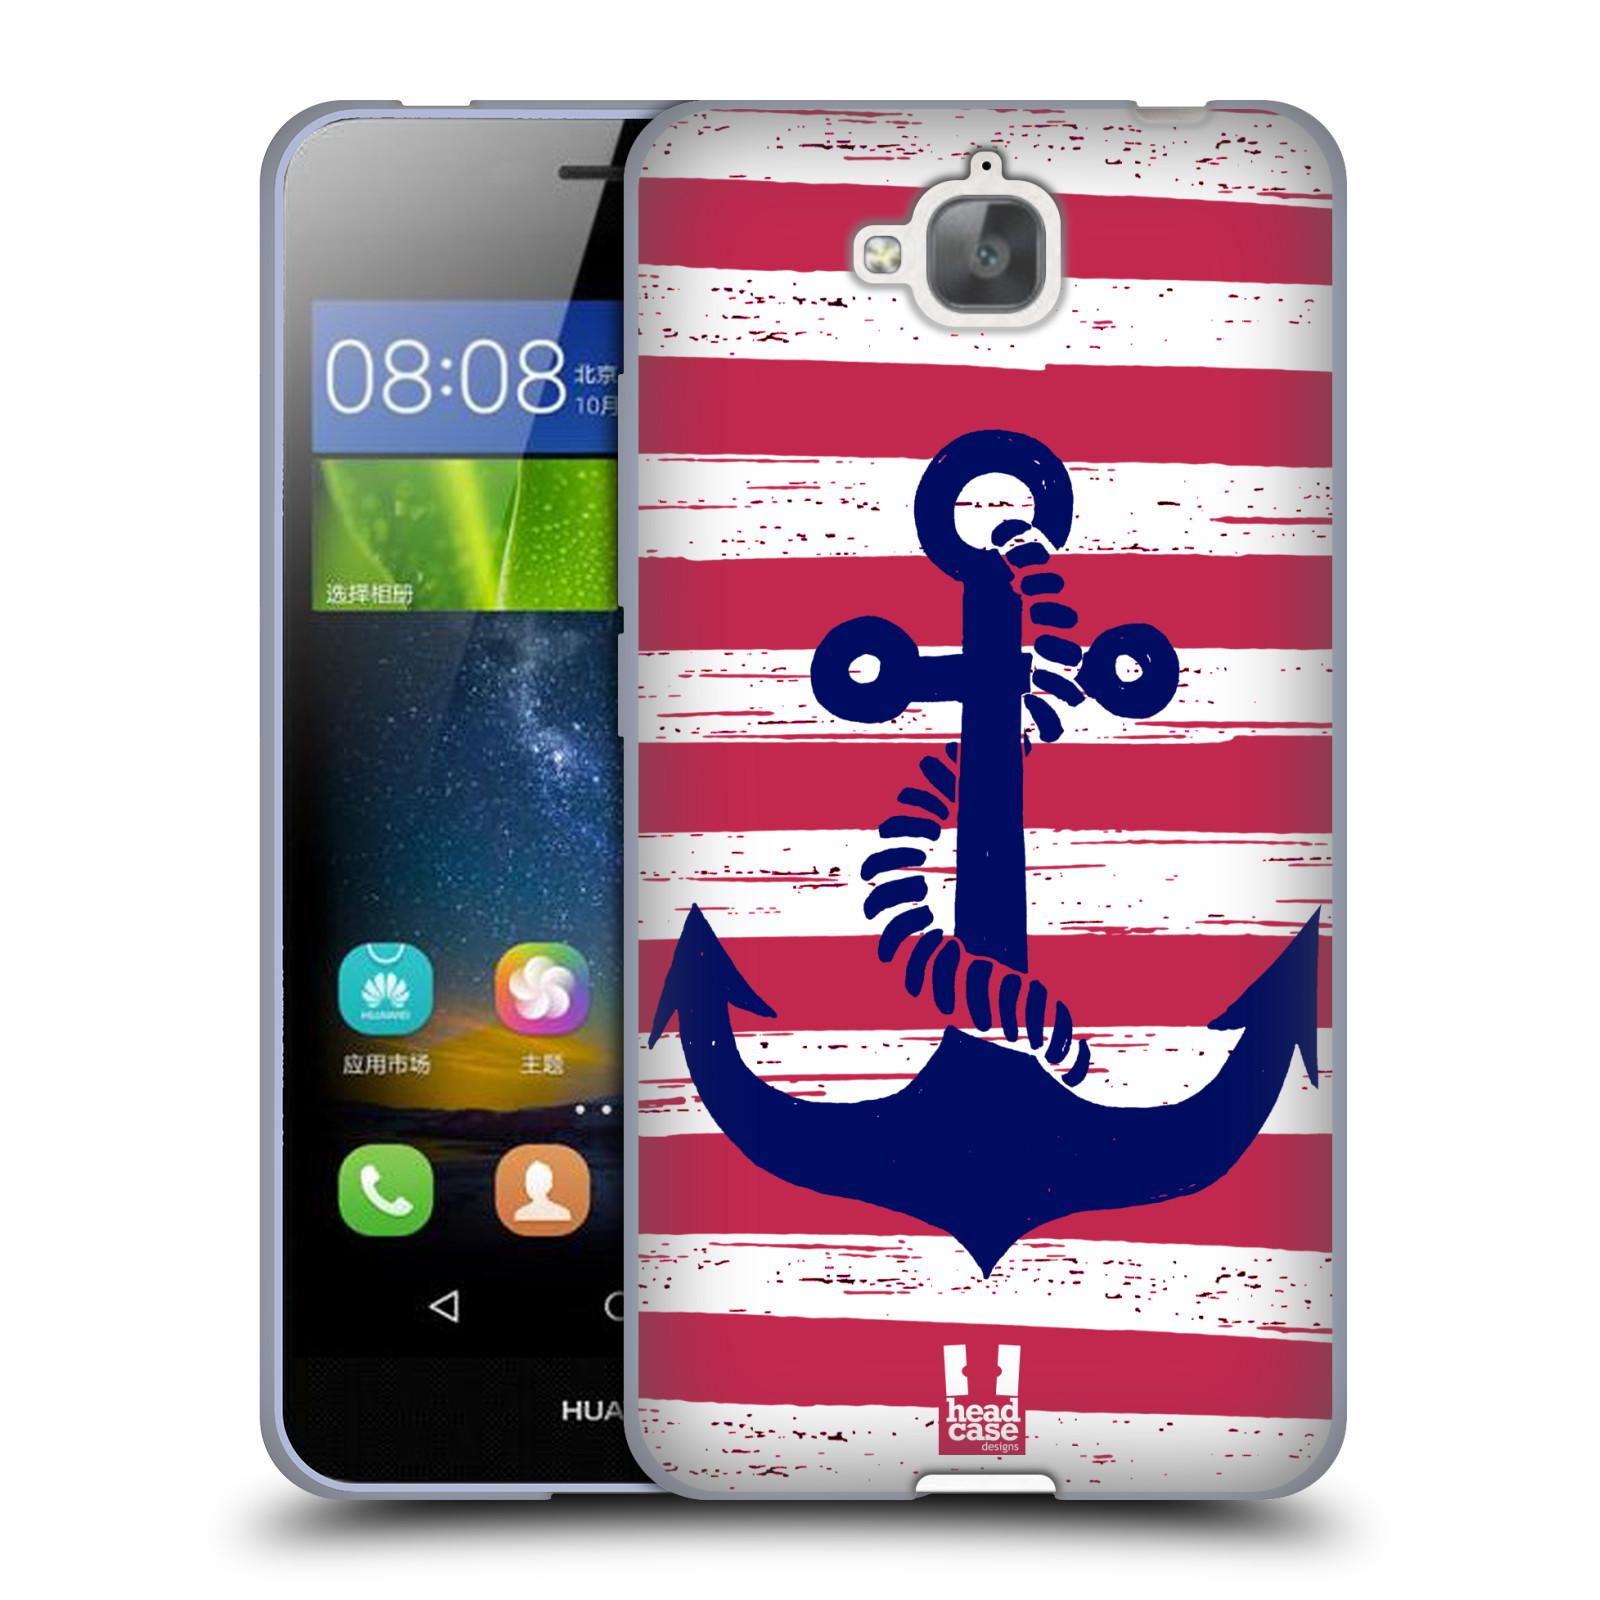 Silikonové pouzdro na mobil Huawei Y6 Pro Dual Sim HEAD CASE KOTVA S PRUHY